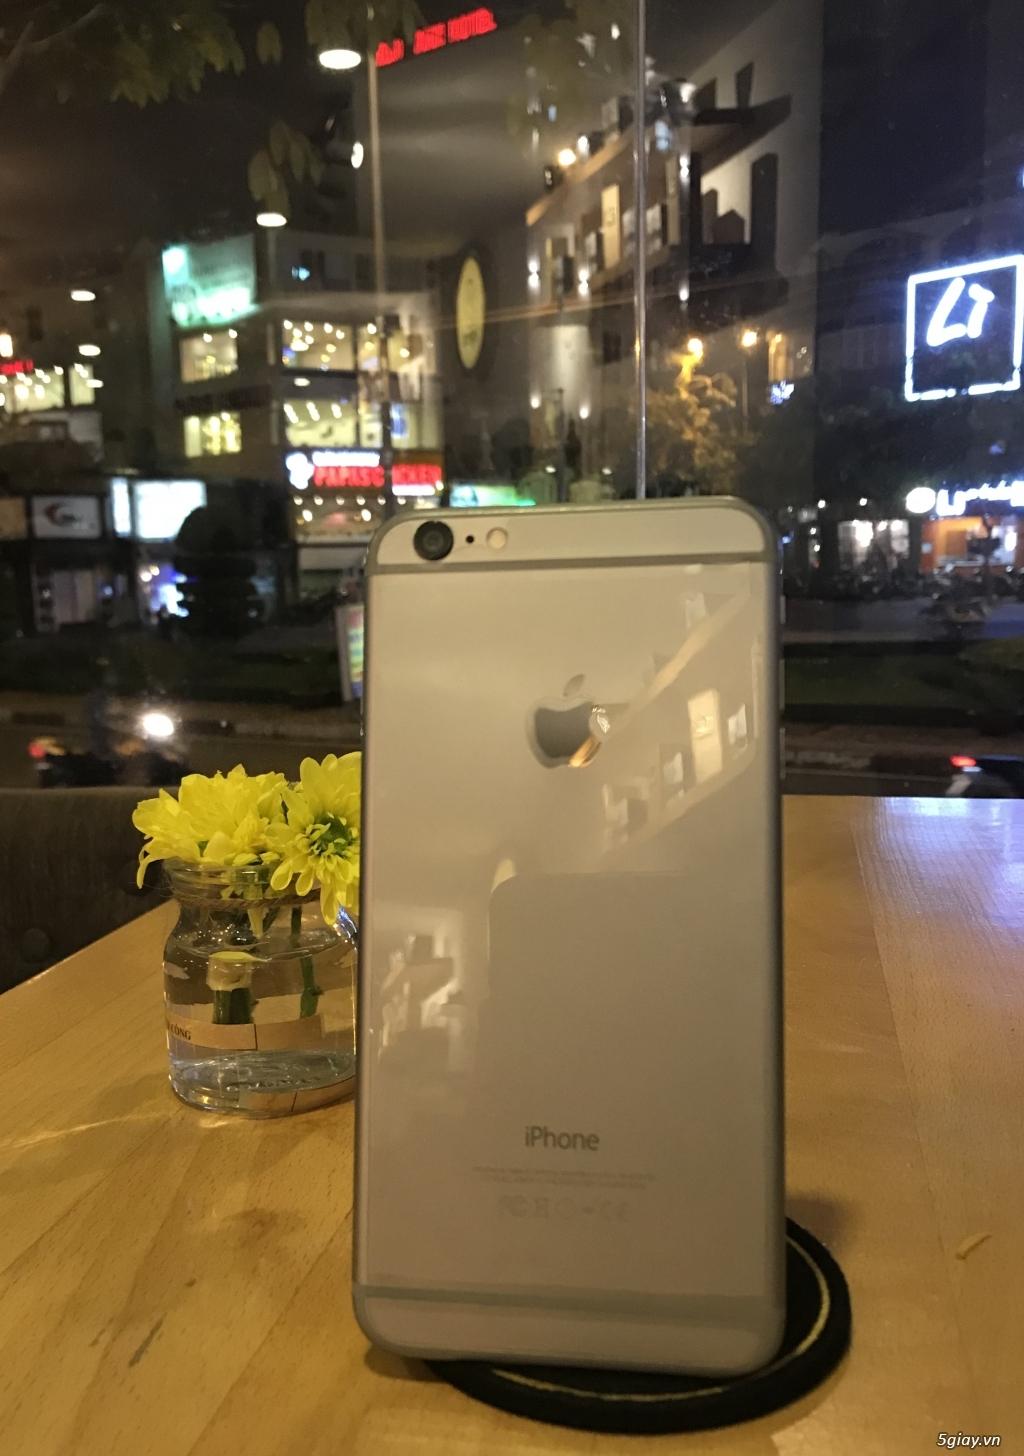 iPhone 6 Plus Gray 16Gb đẹp 98%, Hàng Mỹ, Quốc Tế, Nguyên Zin Giá tốt - 4